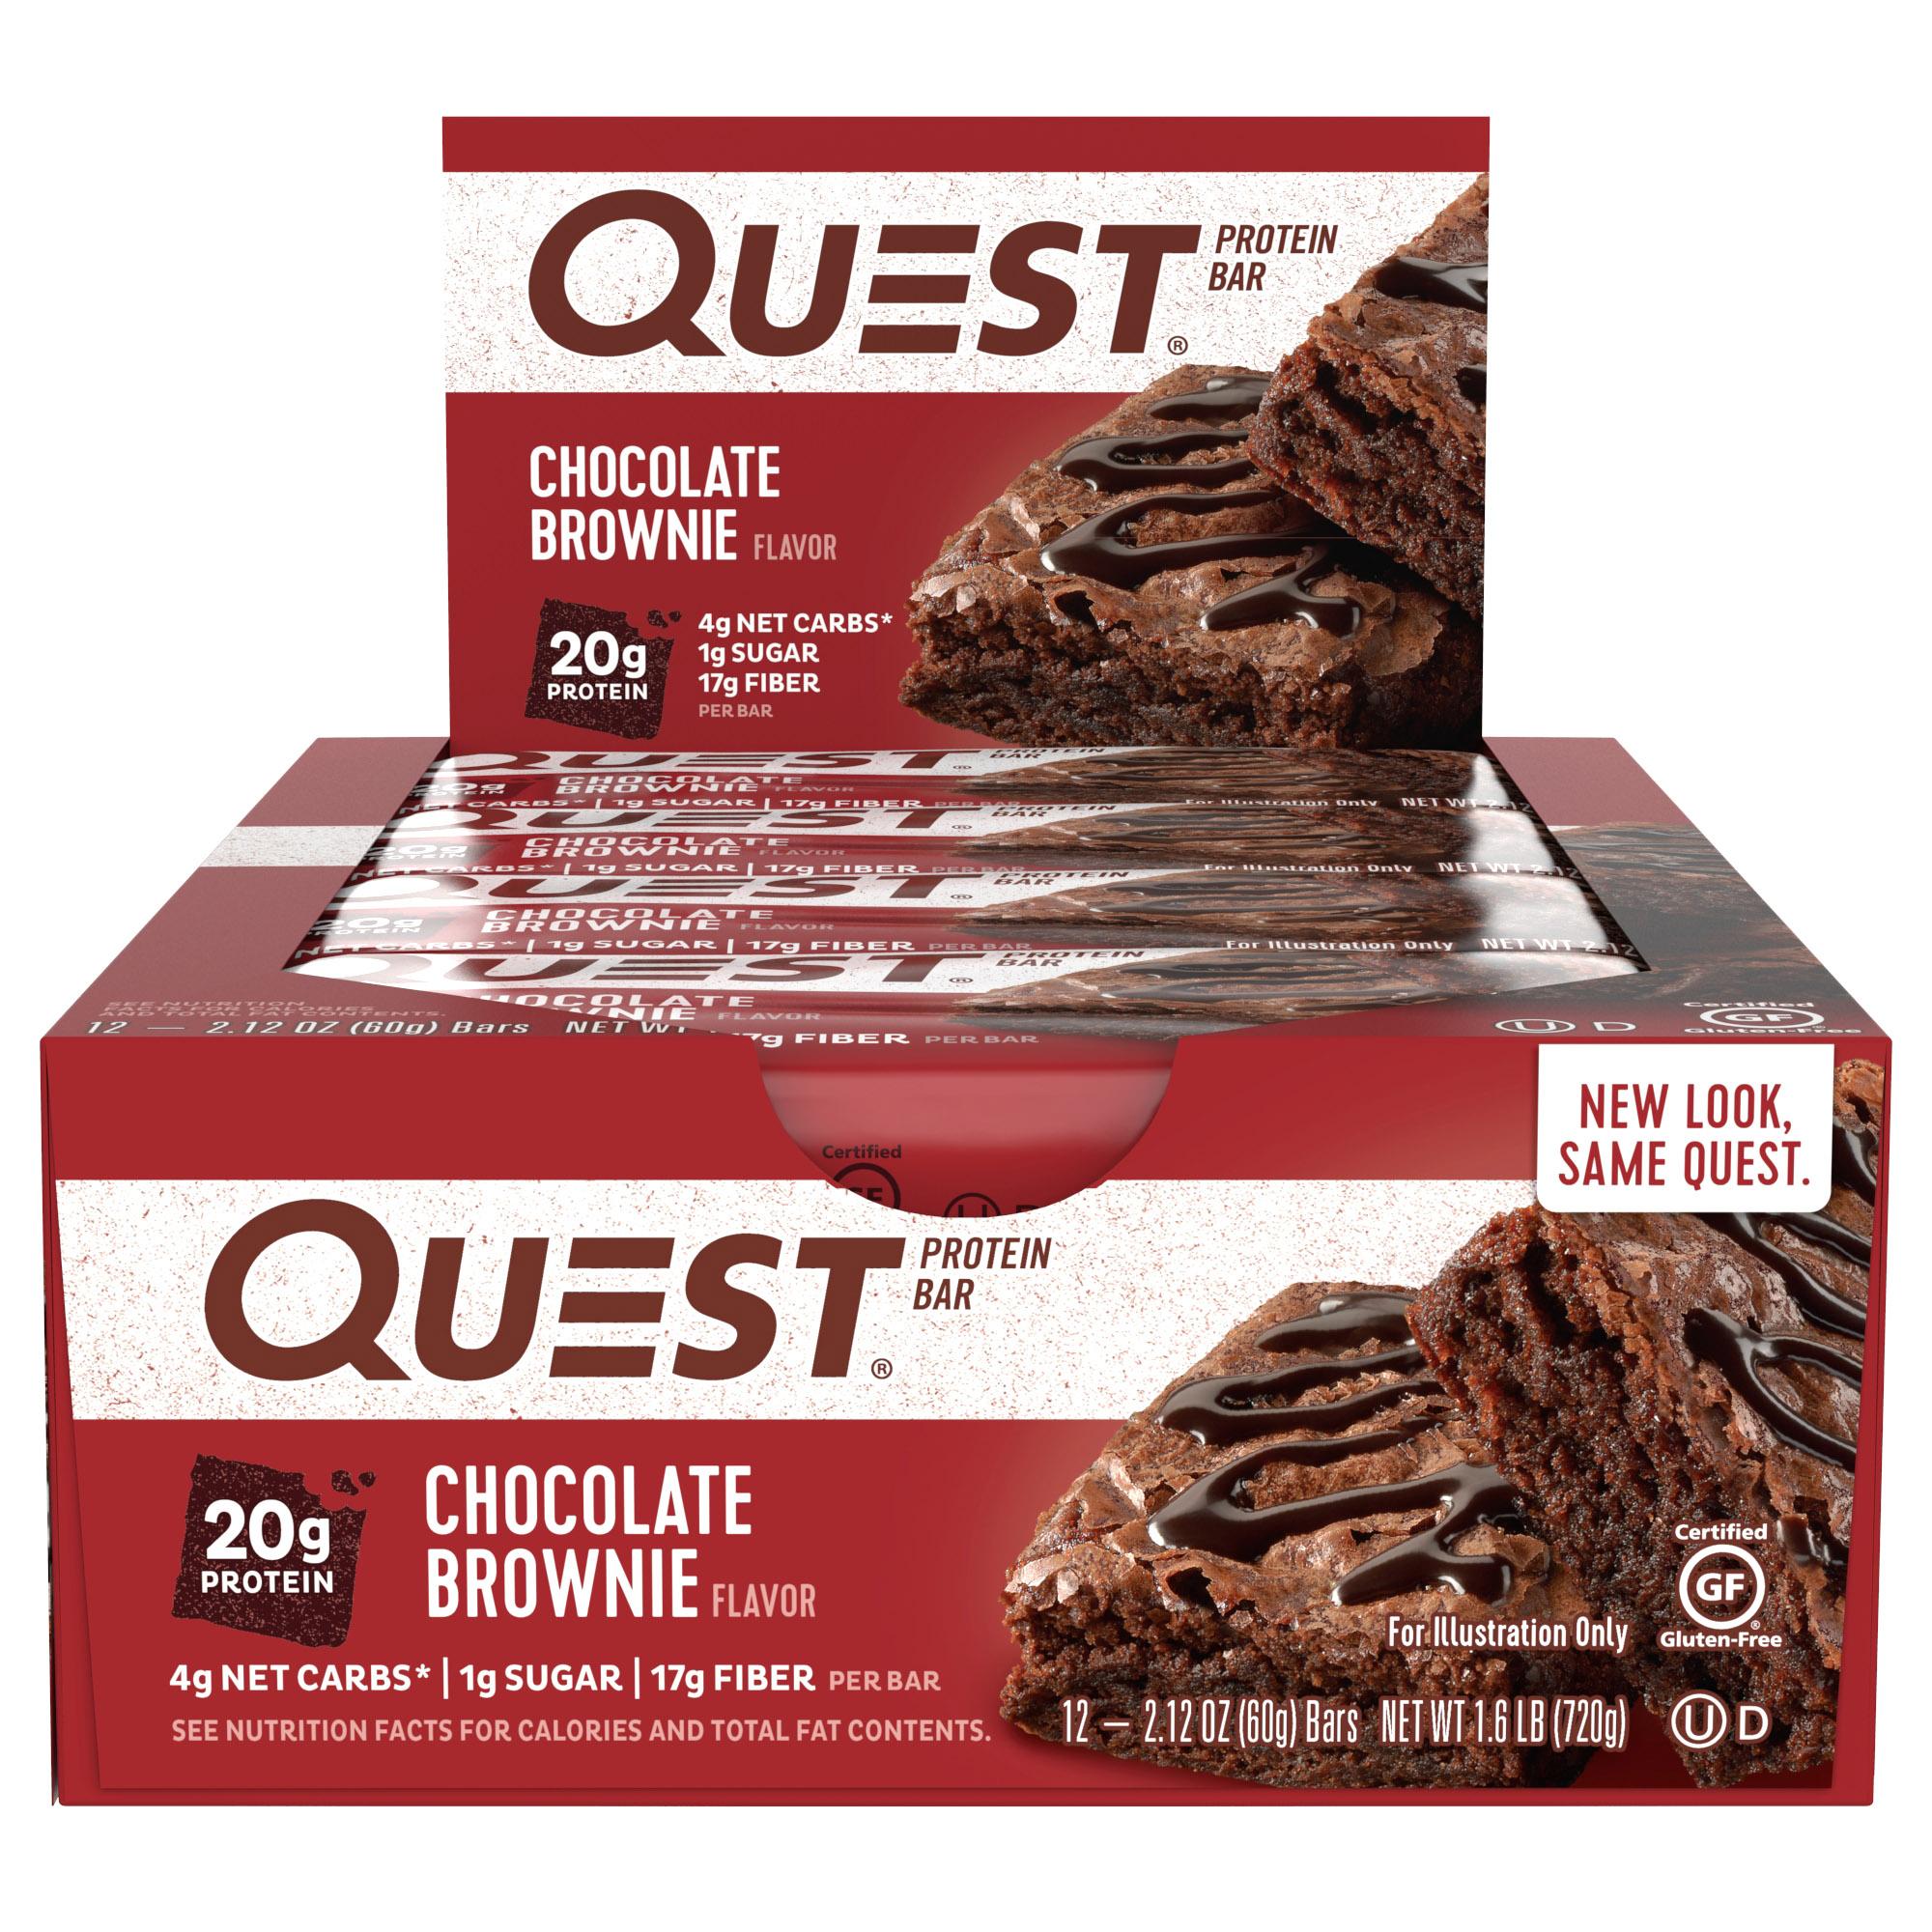 [쿠팡 직수입] 퀘스트뉴트리션 프로틴 바, 60g, 12개입, 초콜릿 브라우니(Chocolate Brownie)